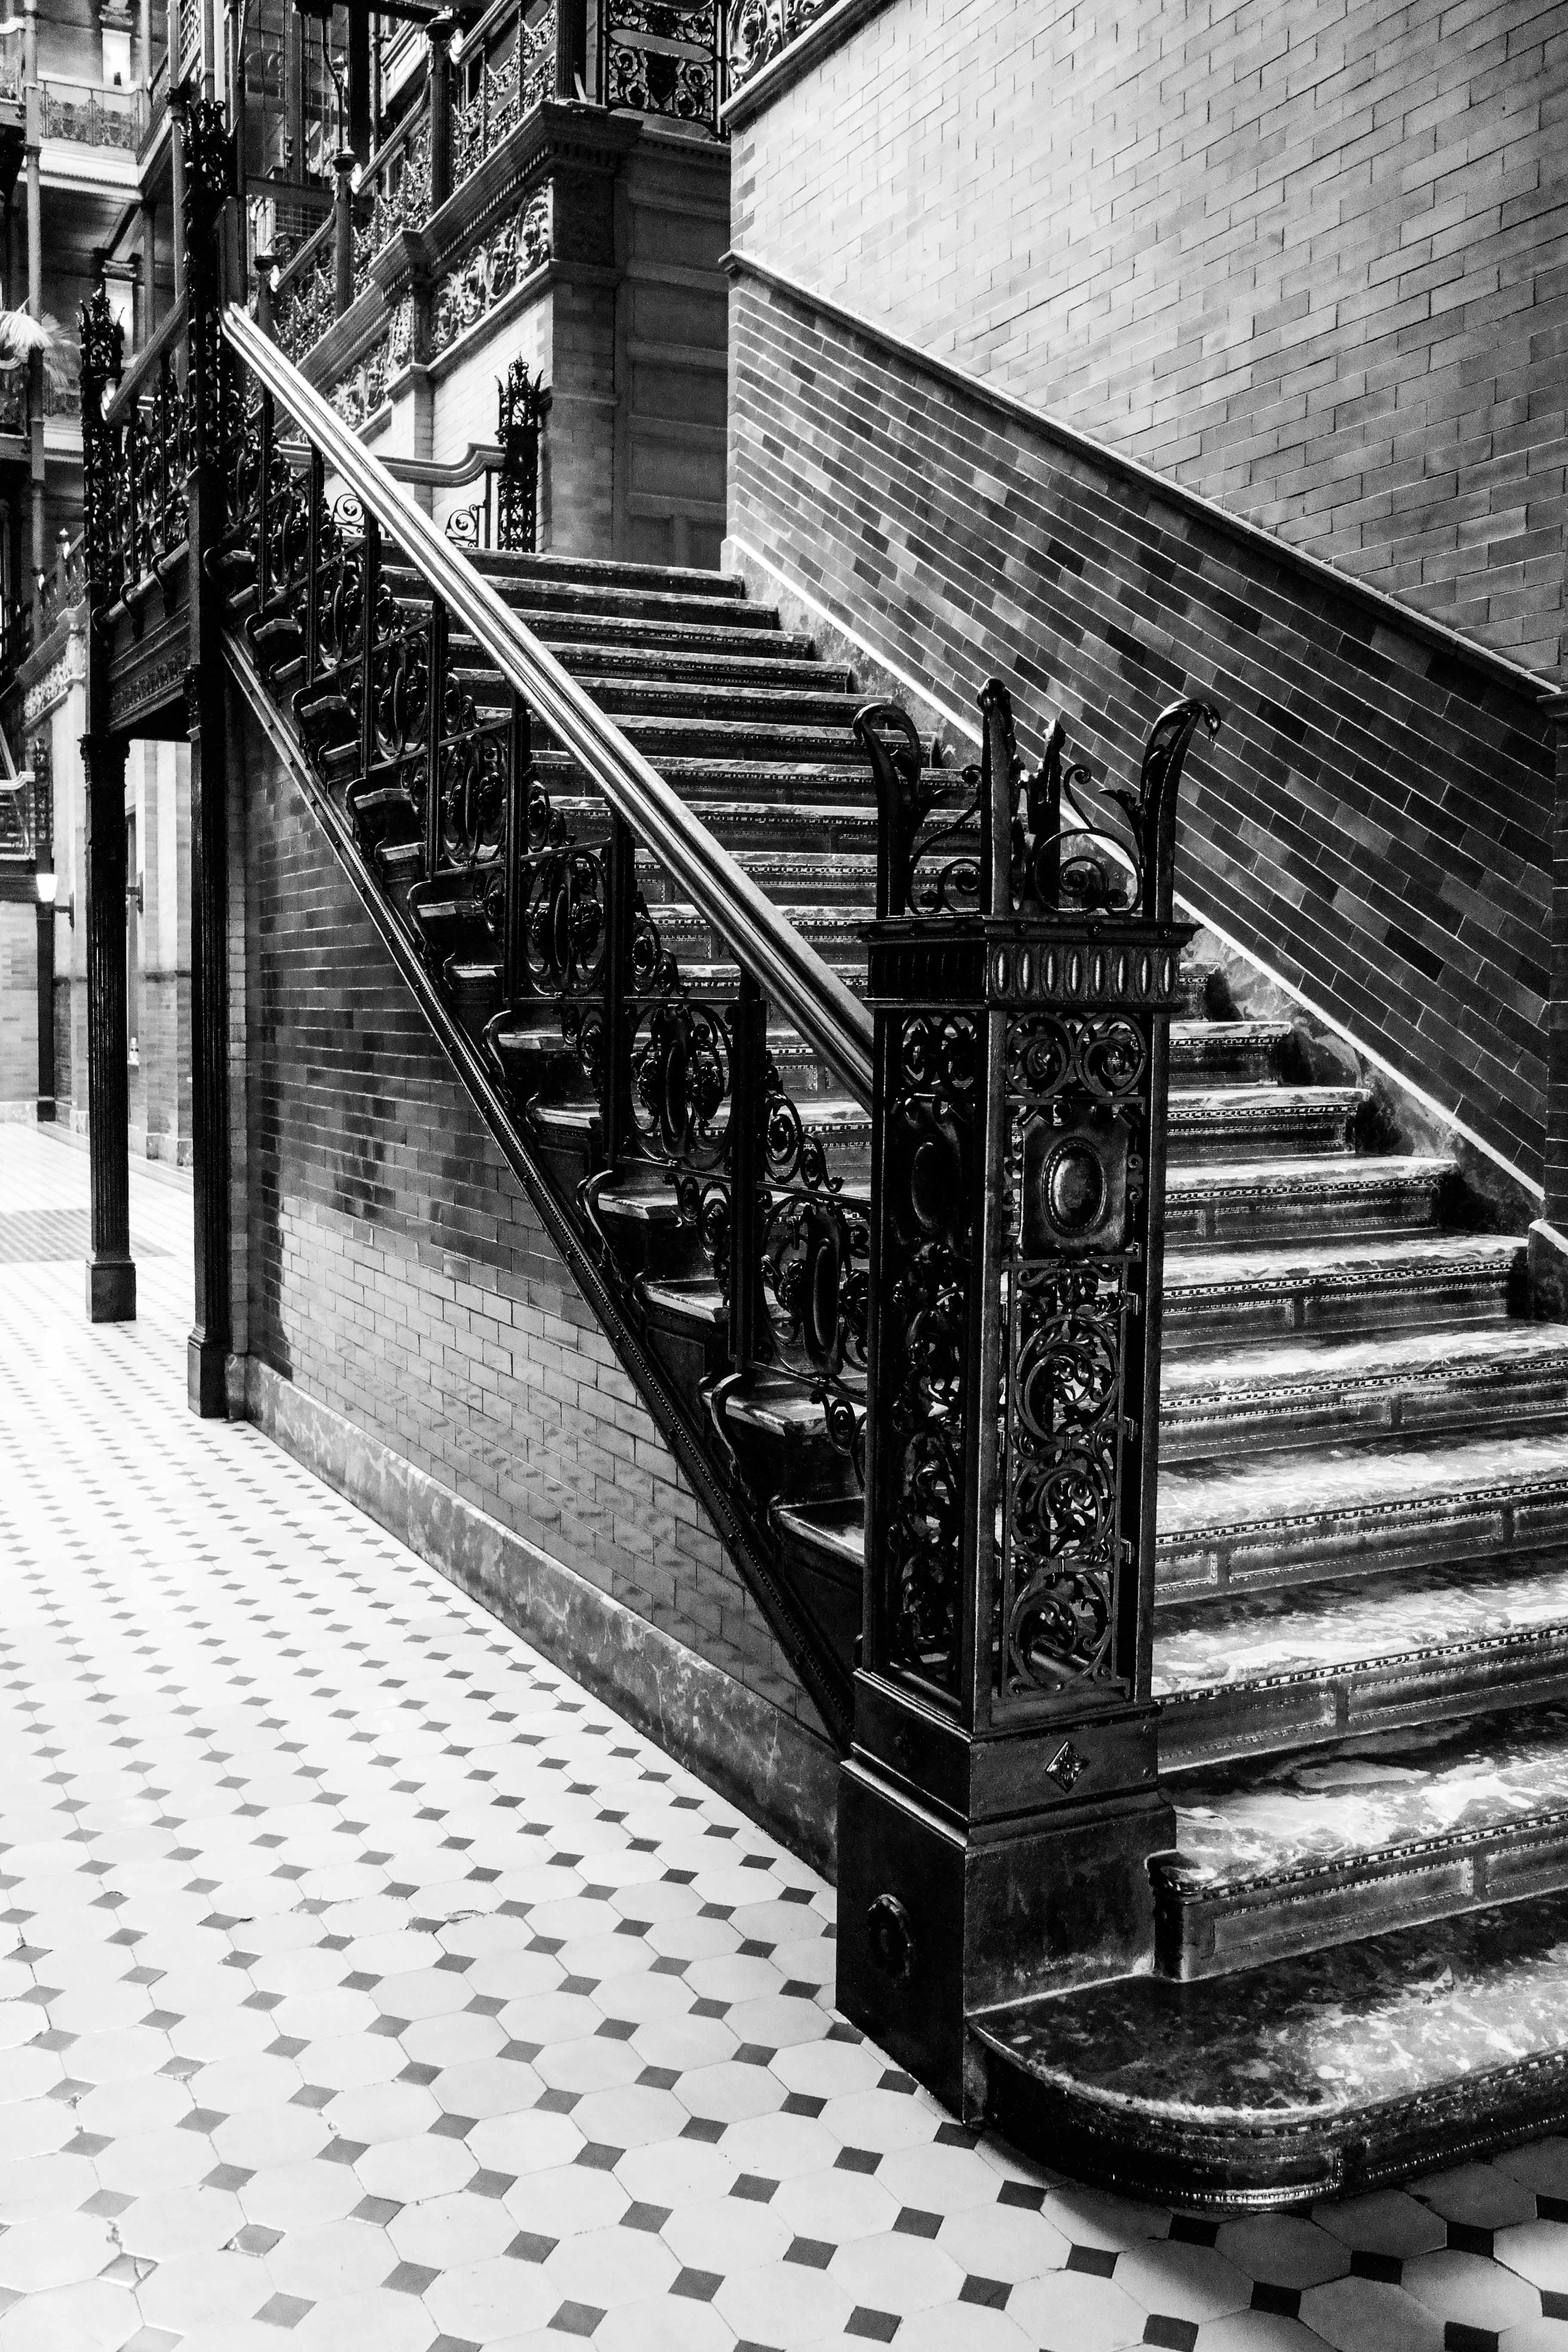 File:Bradbury Building Staircase